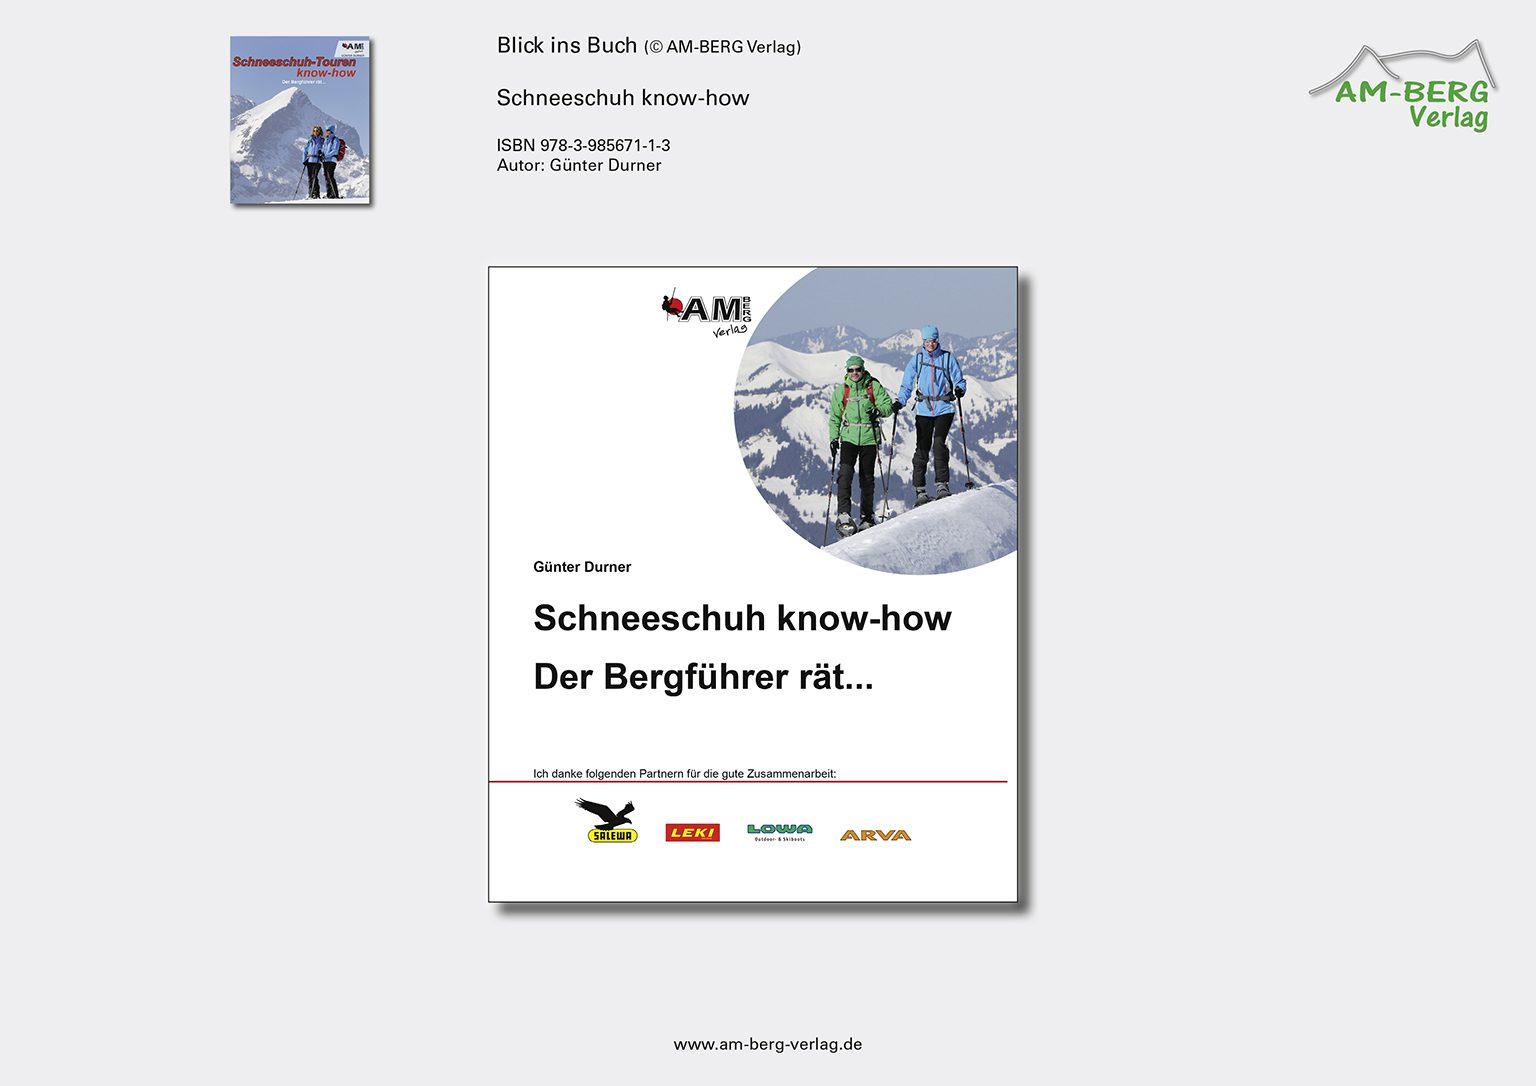 Schneeschuh-Touren know-how_BlickinsBuch1